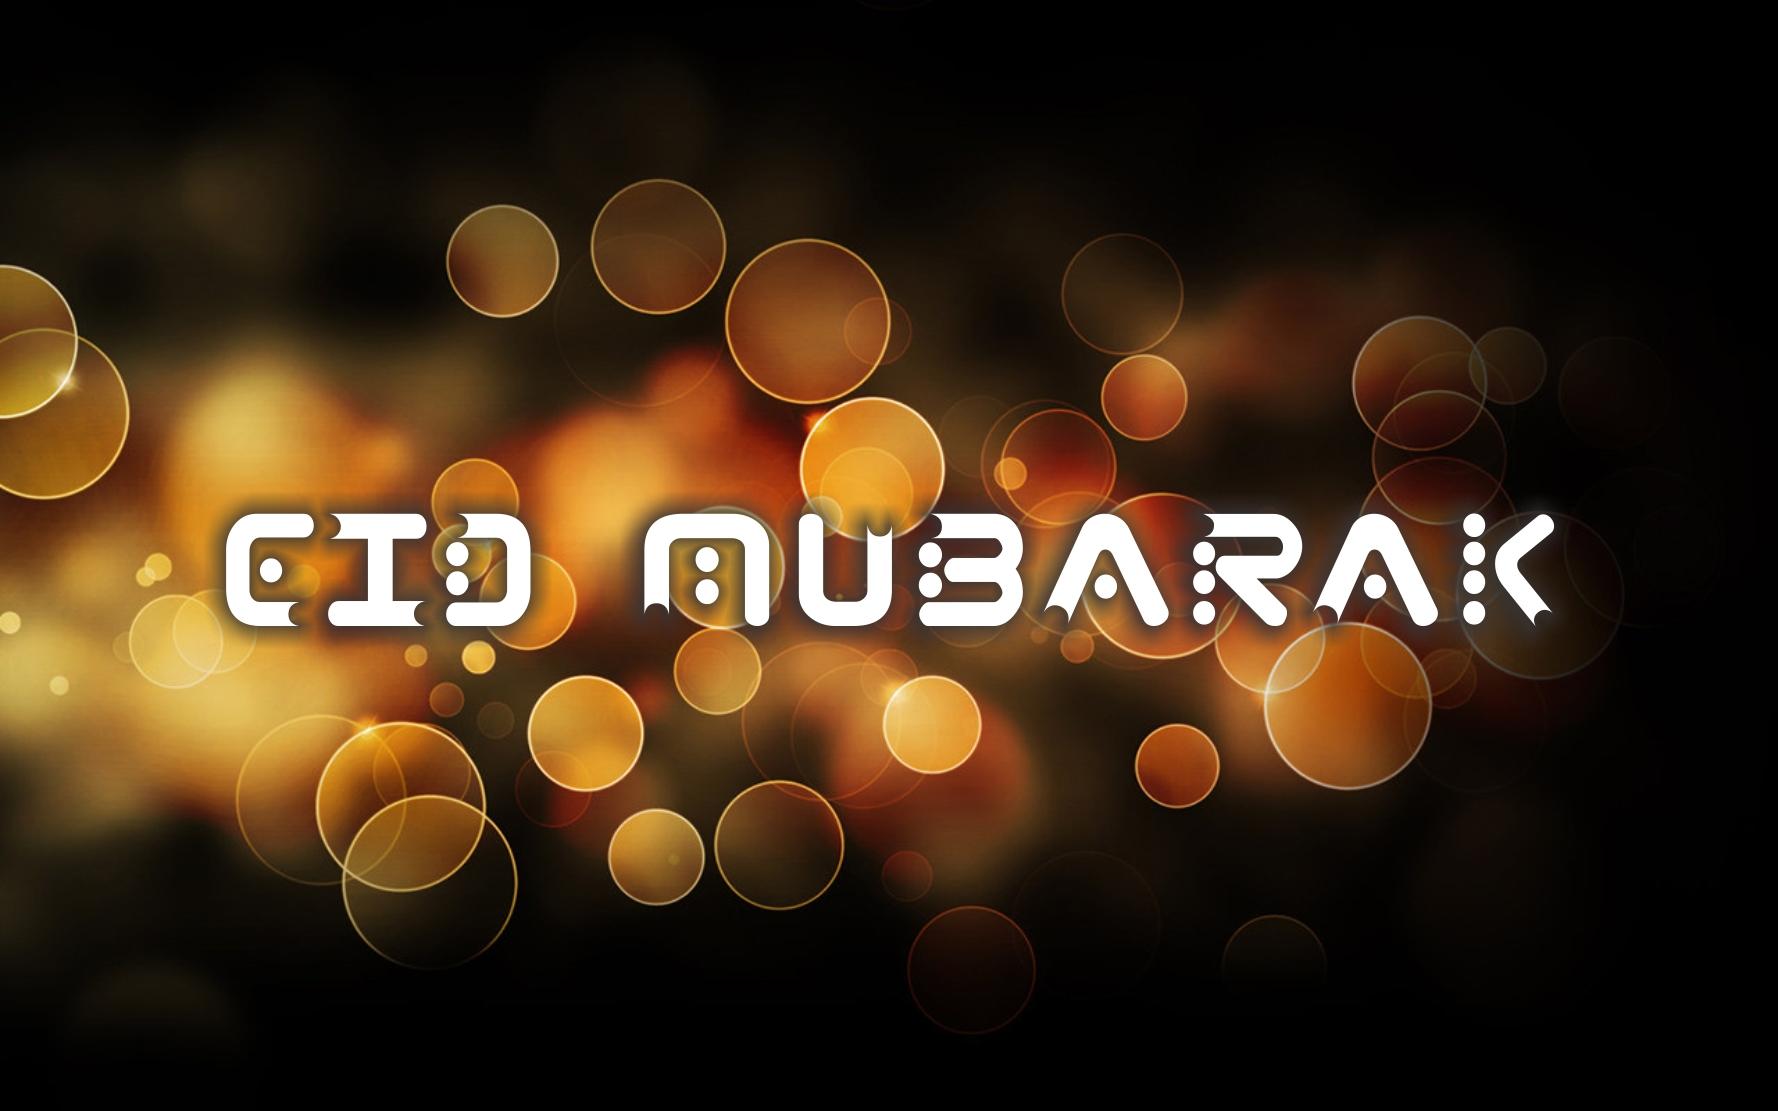 Stylish Card eid greetings